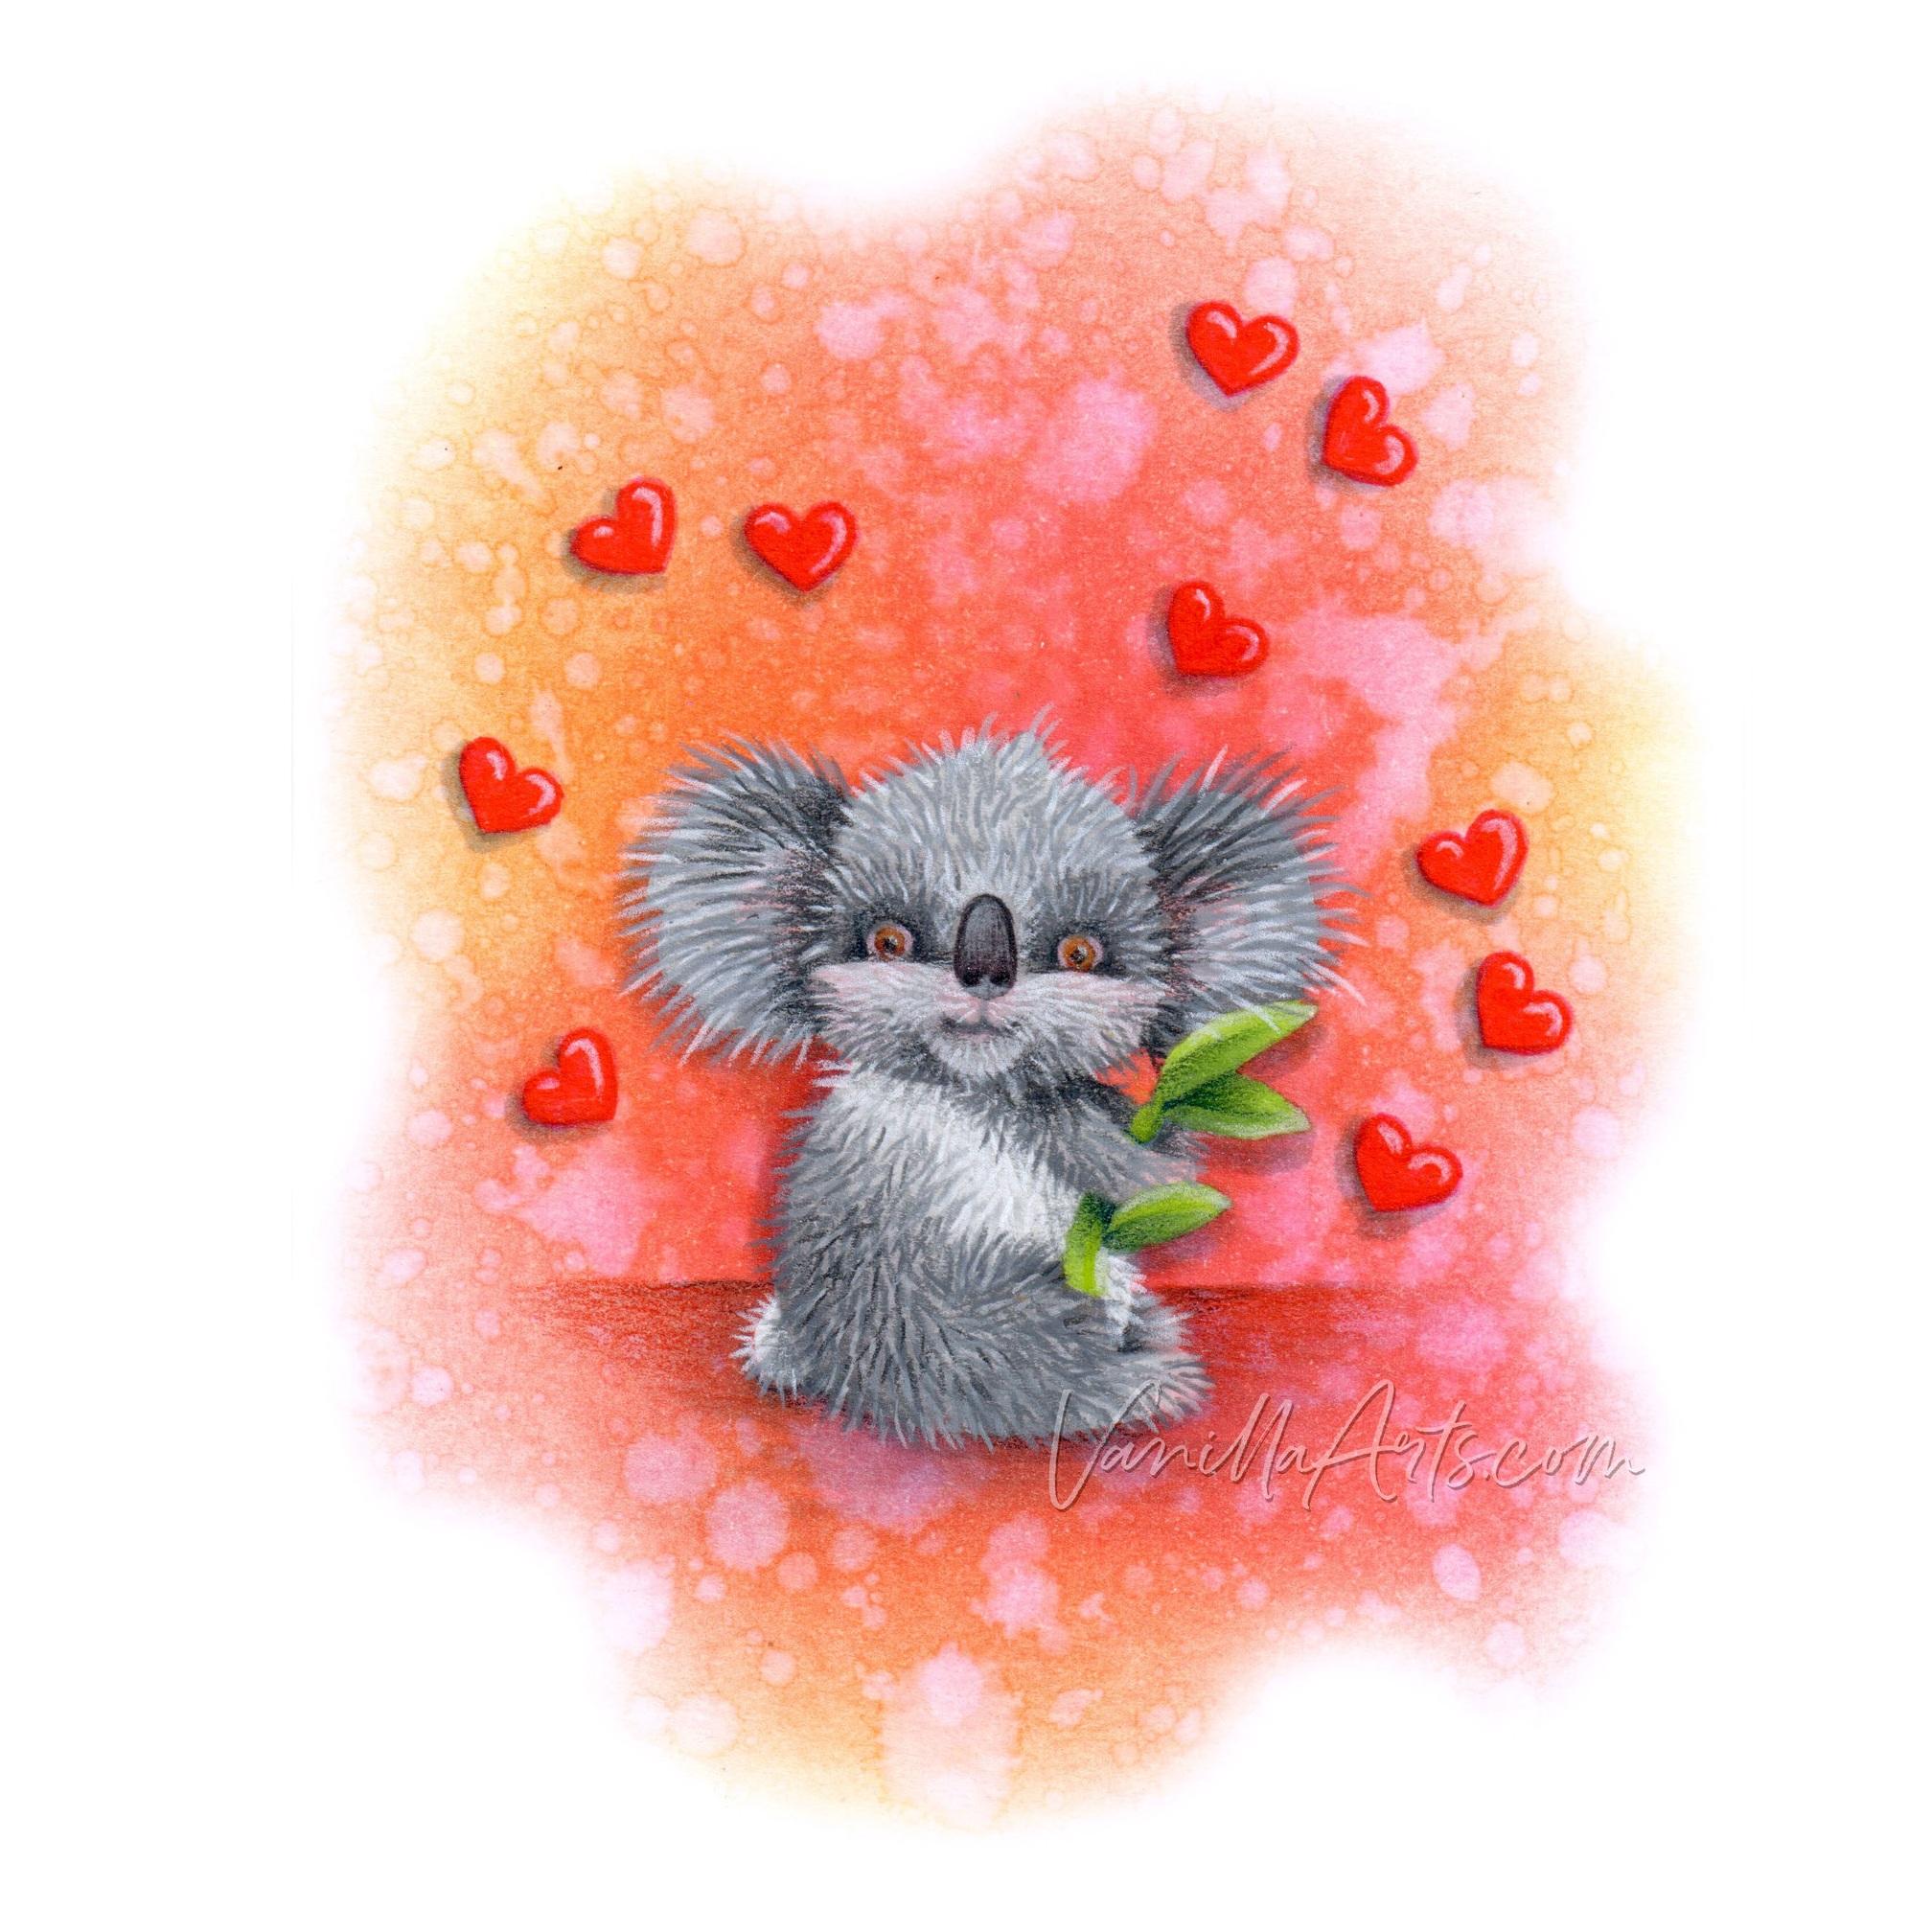 May 2019: Koala Love